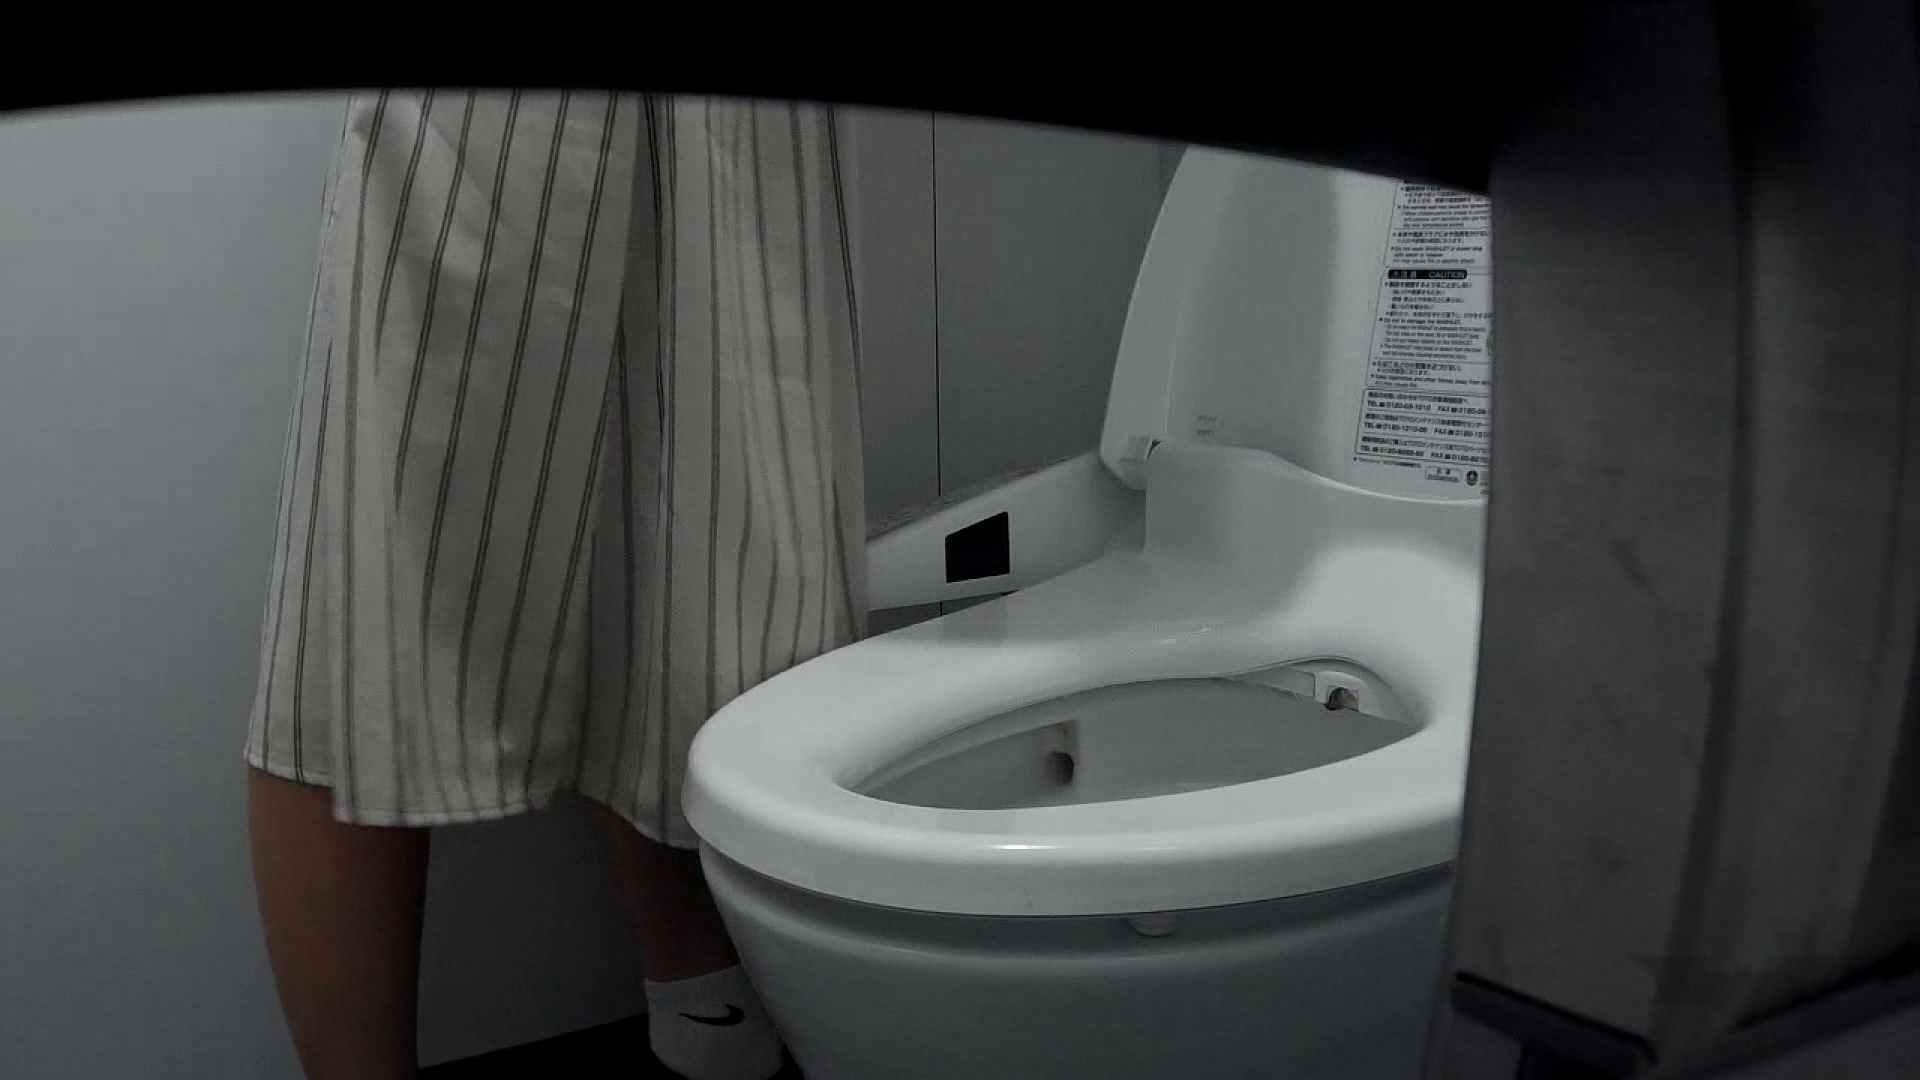 有名大学女性洗面所 vol.37 ついでにアンダーヘアーの状態確認ですね。 投稿 SEX無修正画像 105画像 61